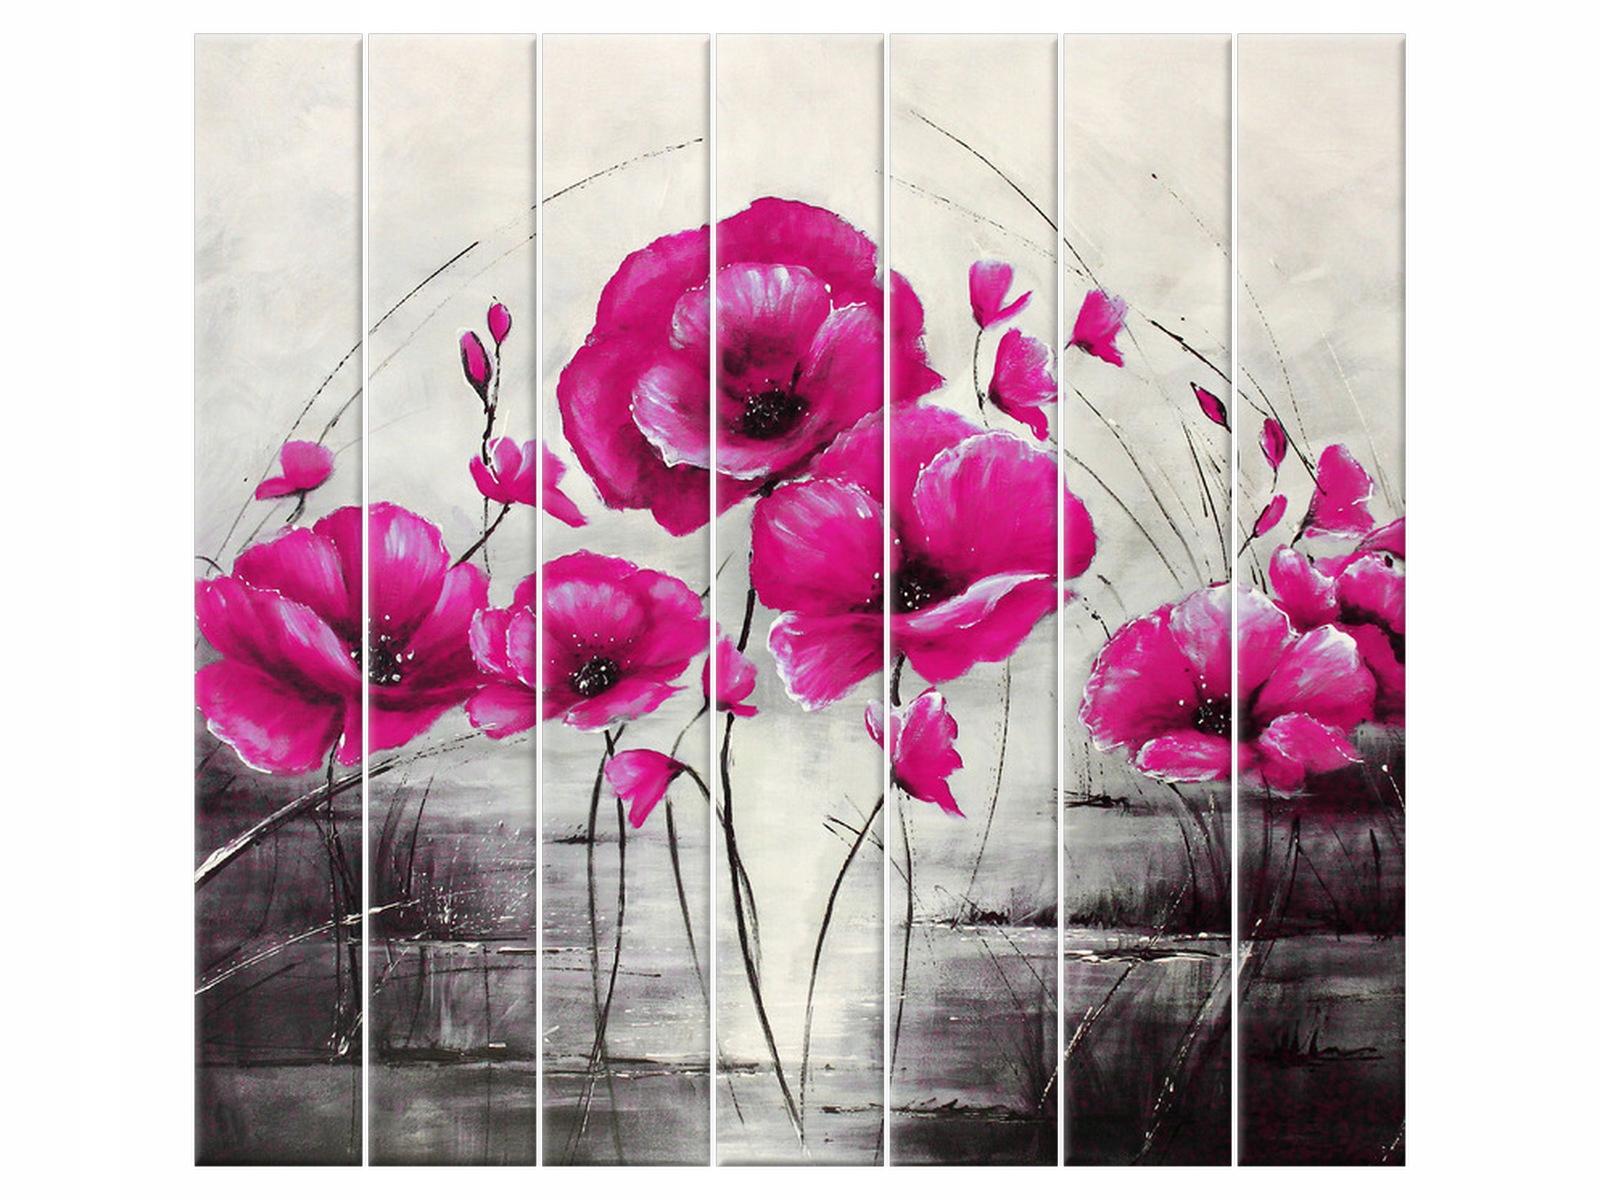 Obrázok 210x195 Vintage Retro Ružová Maku Odber